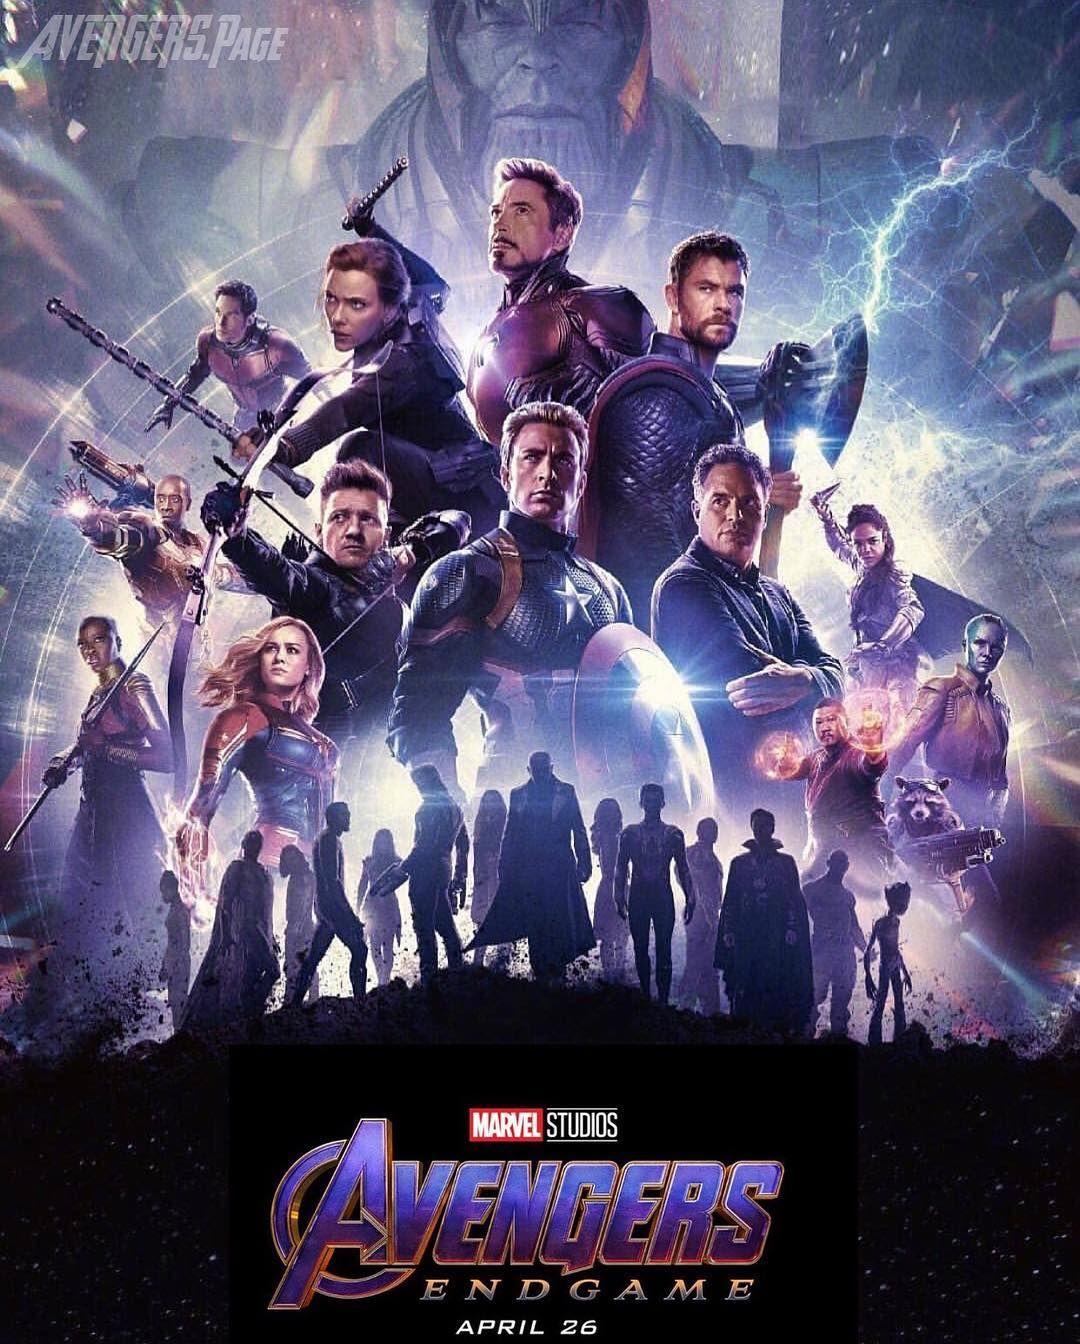 Avengers Endgame Subtitle : avengers, endgame, subtitle, Avengers, Endgame, Subtitles, English/Hindi, อเวนเจอร์,, ดิ, อเวนเจอร์ส,, ฮีโร่มาร์เวล